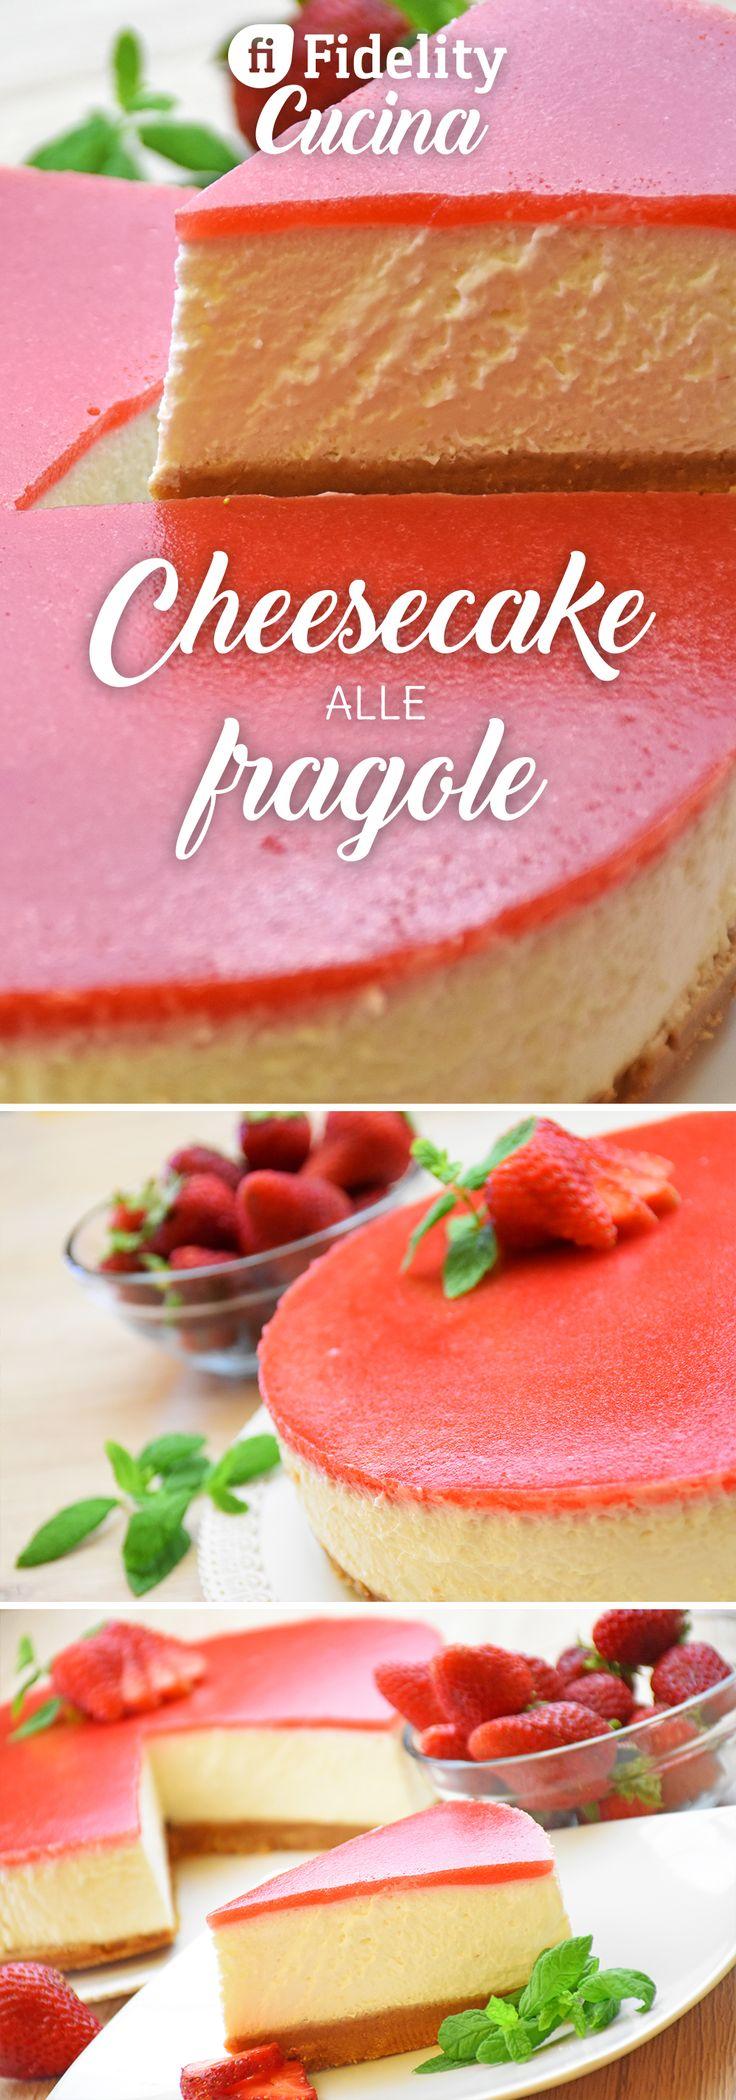 La cheesecake fredda alle fragole è un dolce fresco, dal sapore delicato, perfetto per le giornate estive. Ecco la ricetta